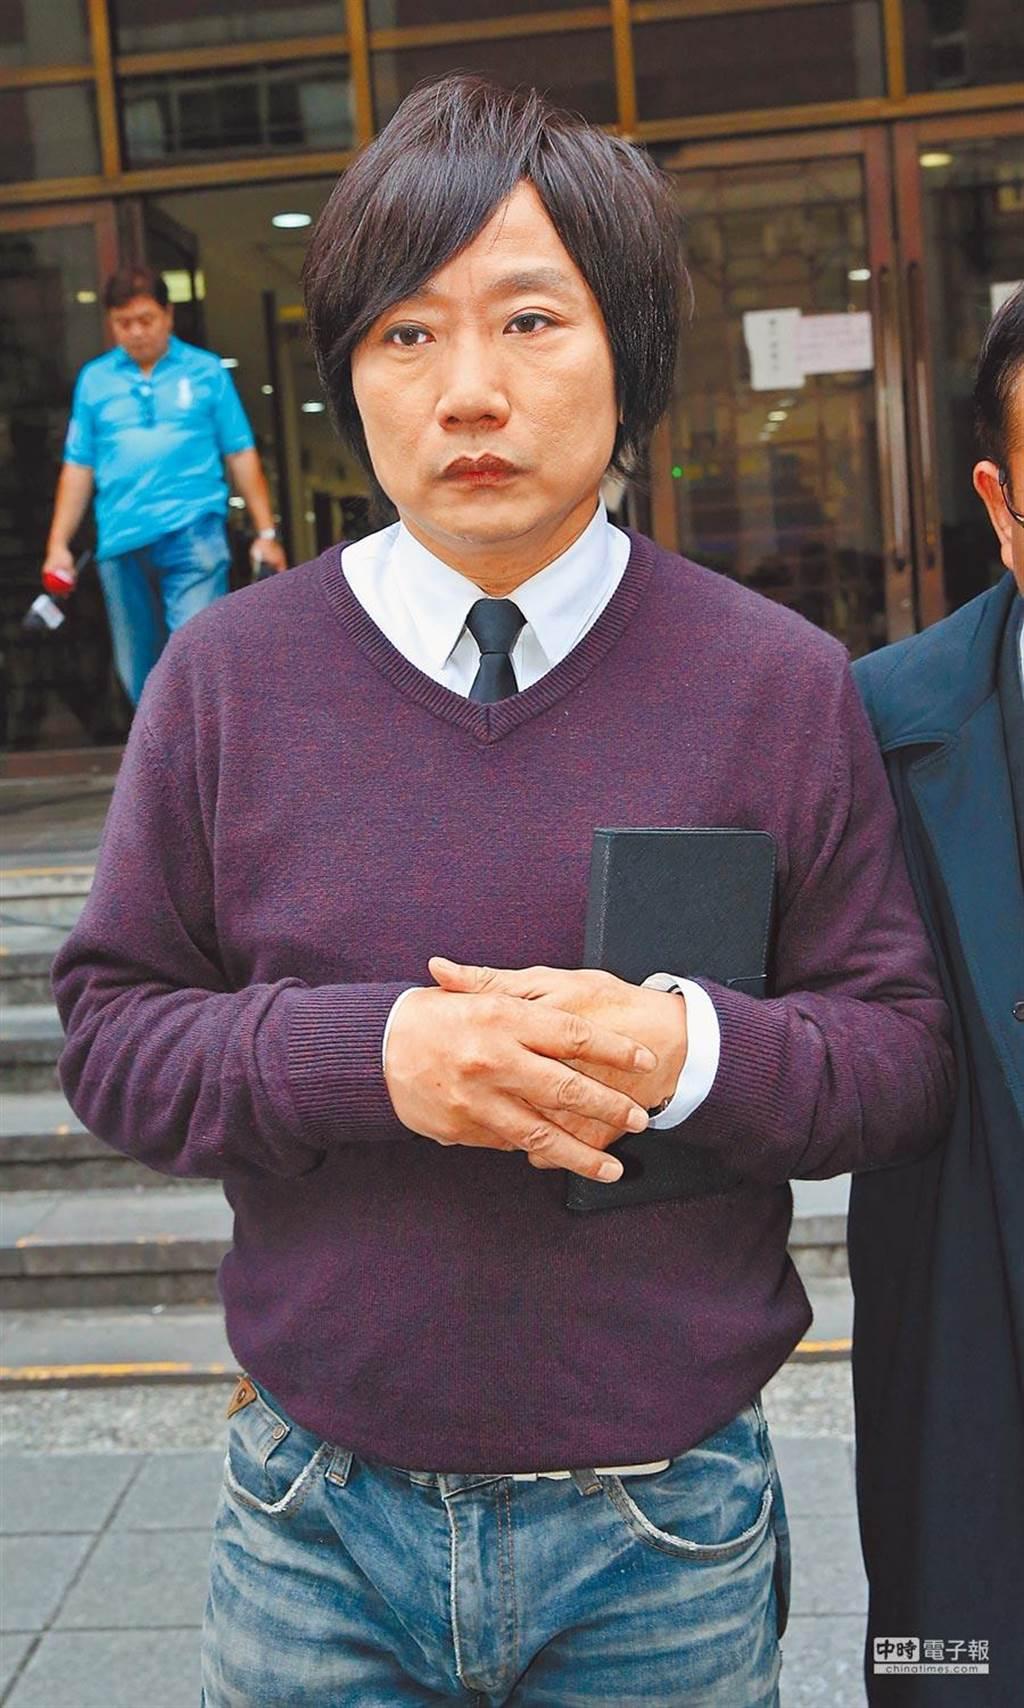 藝人秦偉涉性侵判刑8年。(中時資料照)